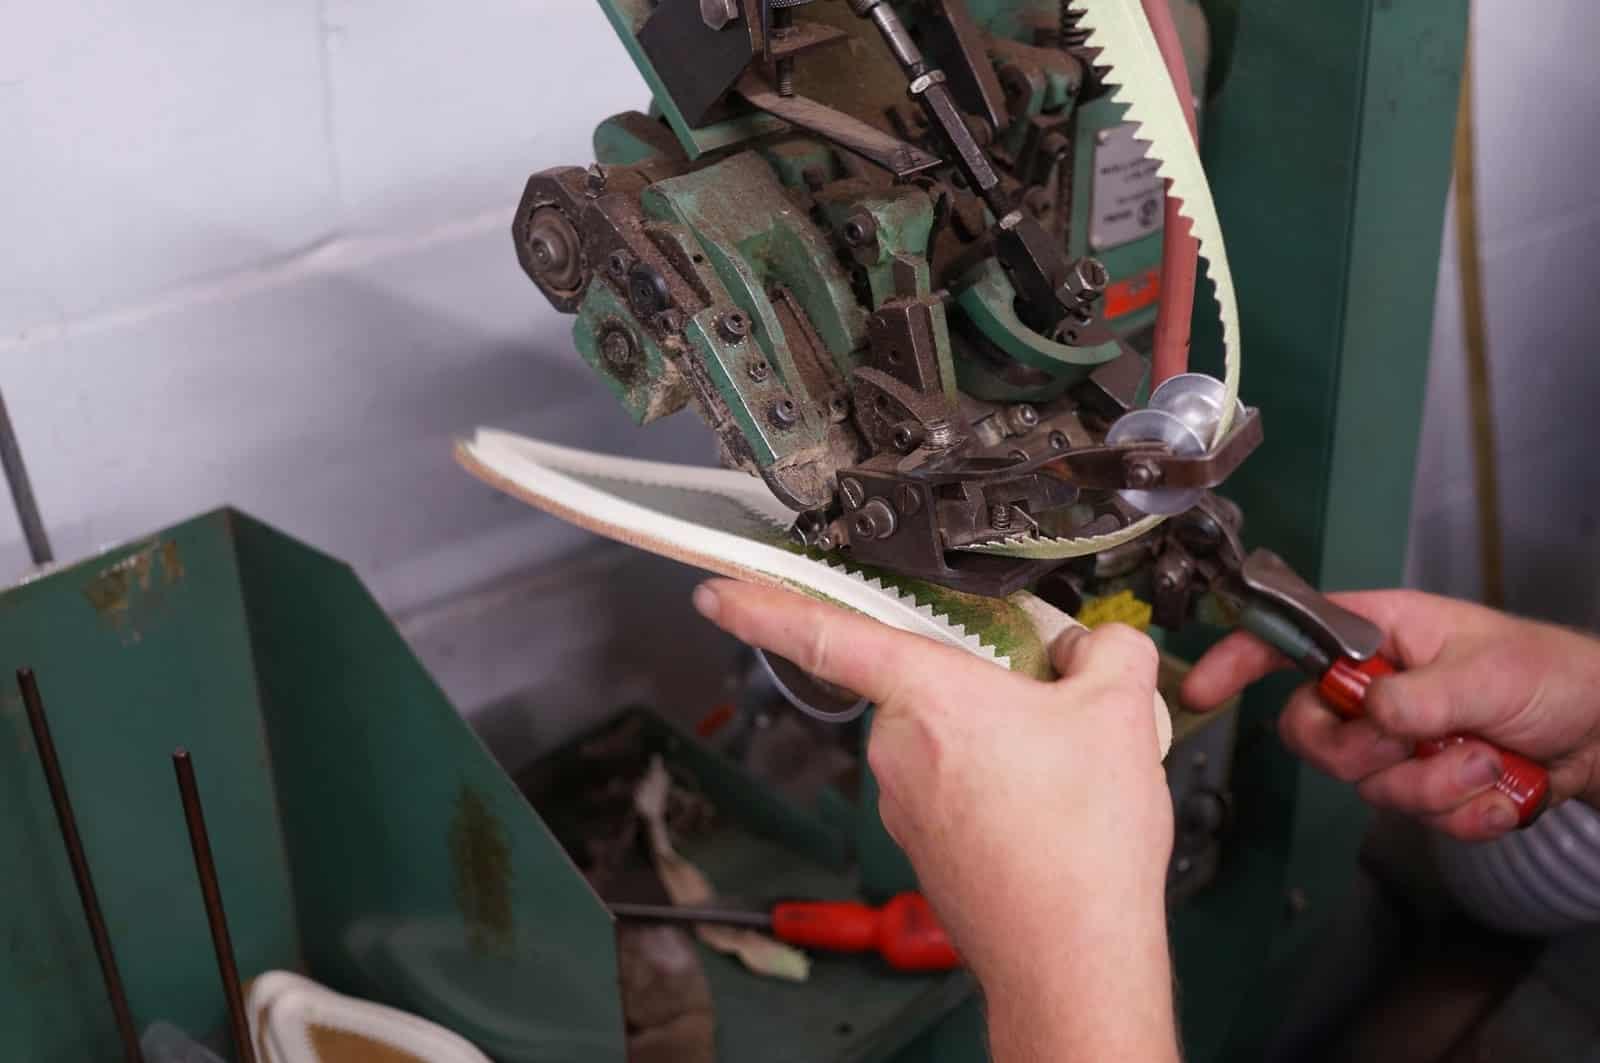 La machine qui sert à appliquer les murs collés dans l'usine de  Gaziano & Girling. Comme vous pouvez le constater cela demande du temps, de la précision, un grand niveau de maîtrise et de sang froid. Non je déconne, c'est con comme la lune à faire et ça prend 10 secondes. (Source : Shoegazing)